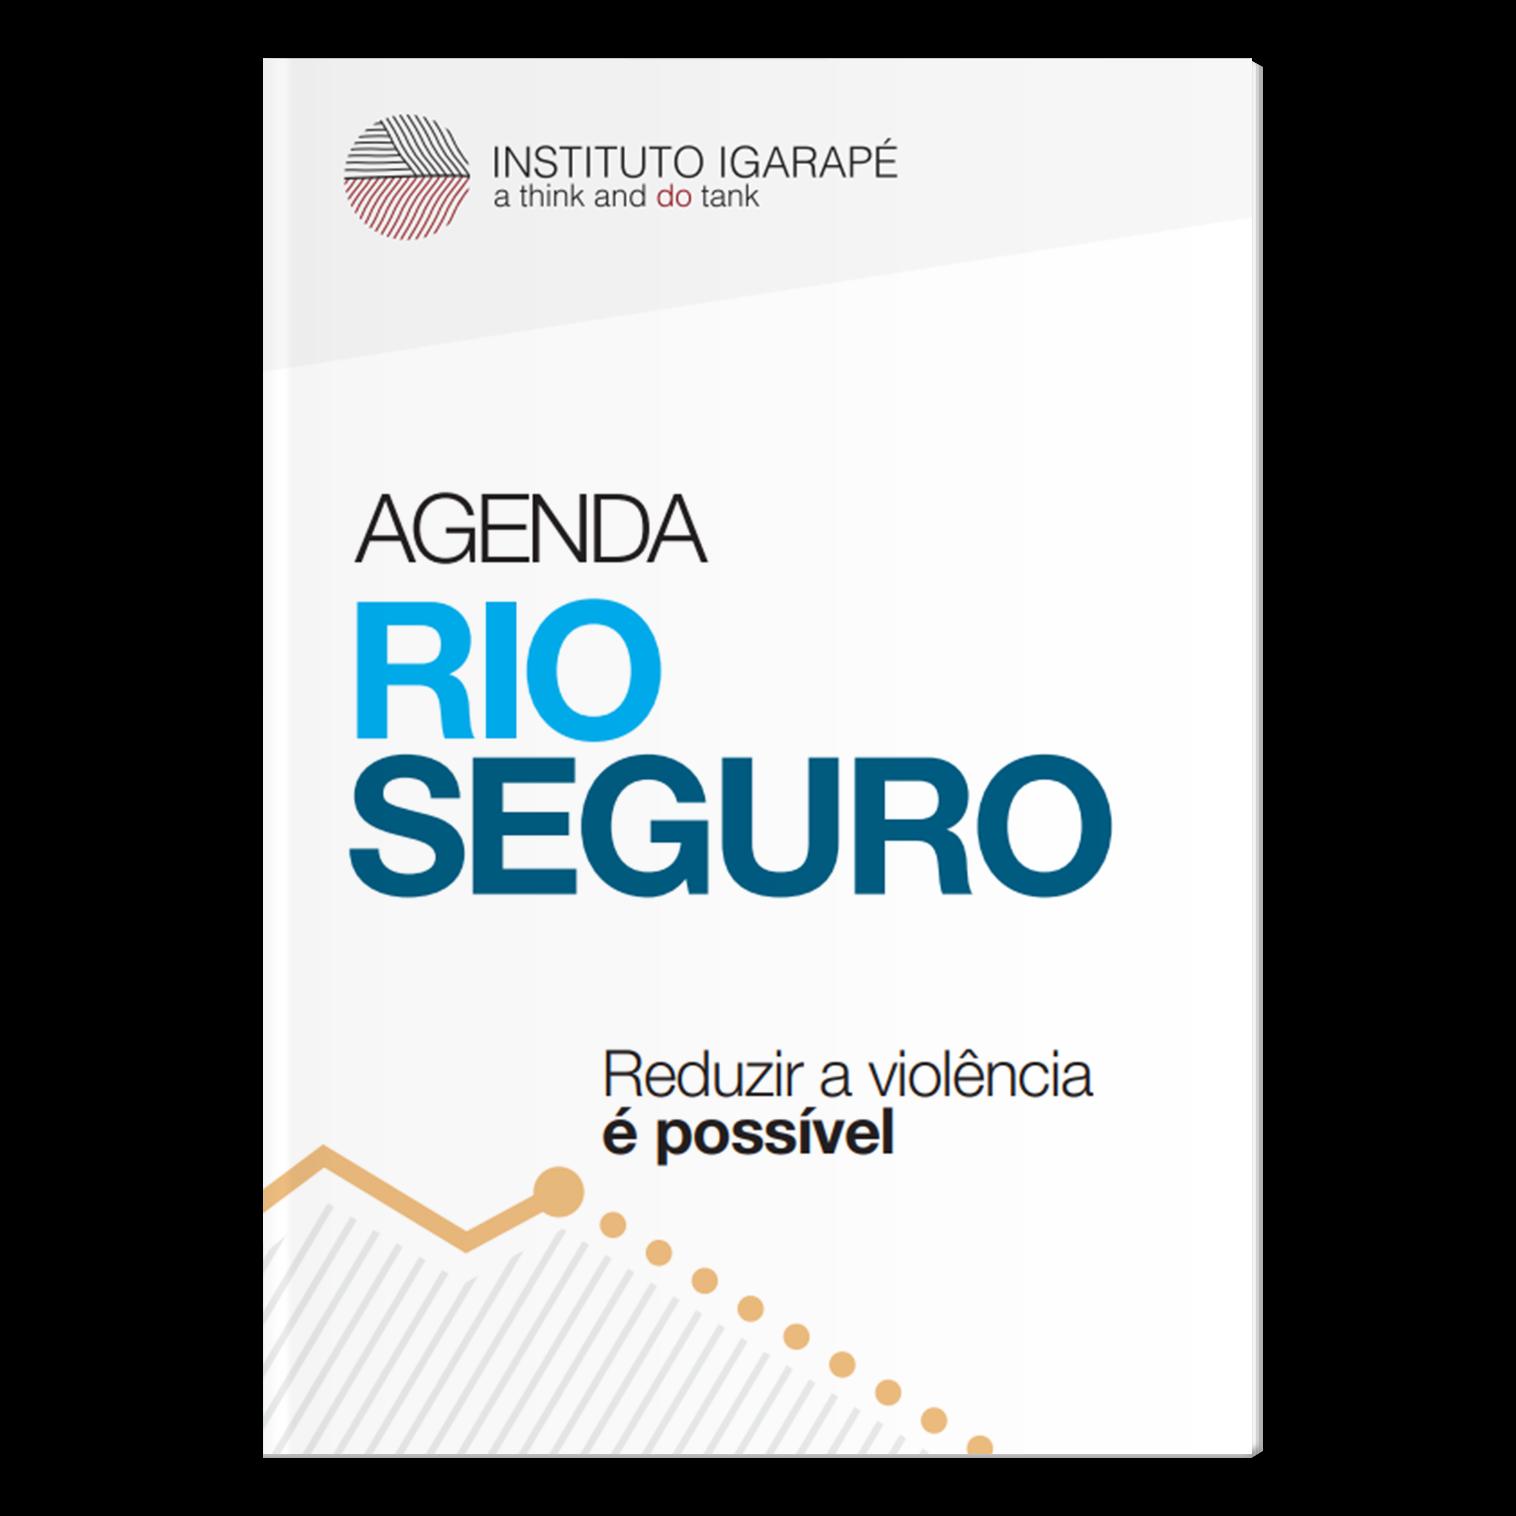 Agenda Rio Seguro